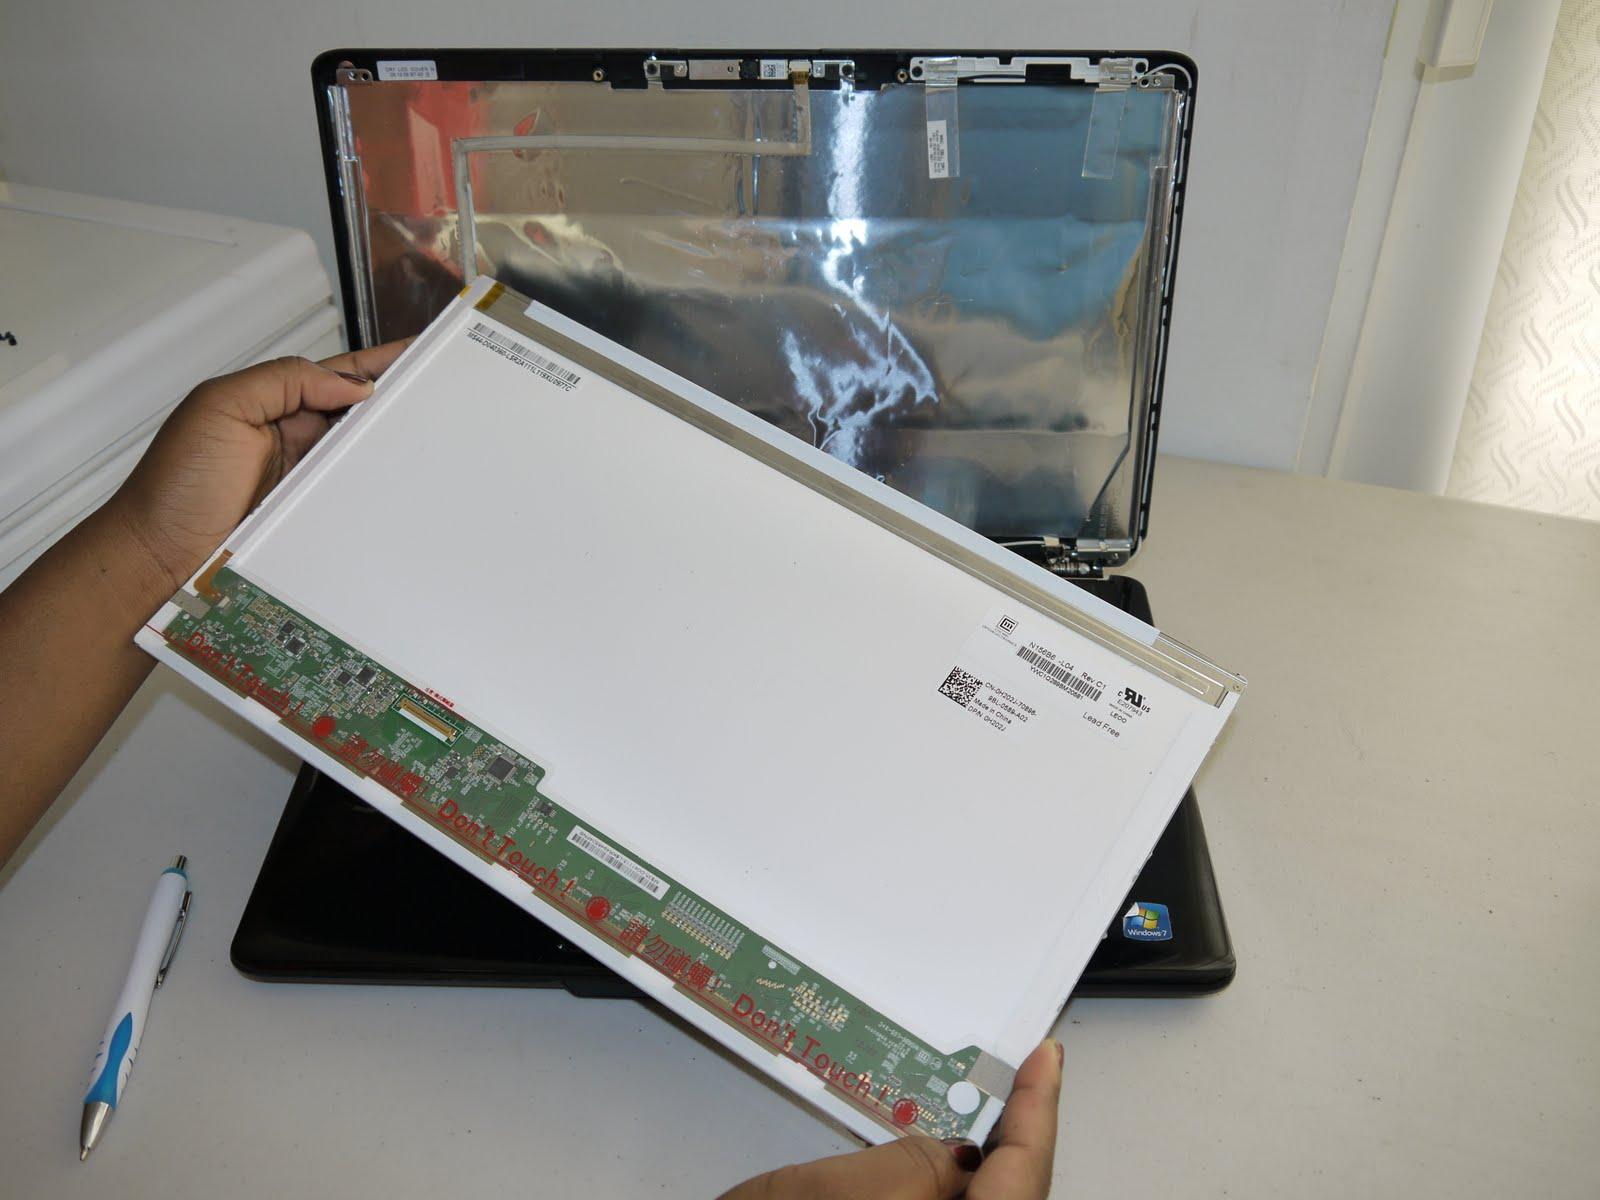 Thay màn hình Laptop Dell giá bao nhiêu?